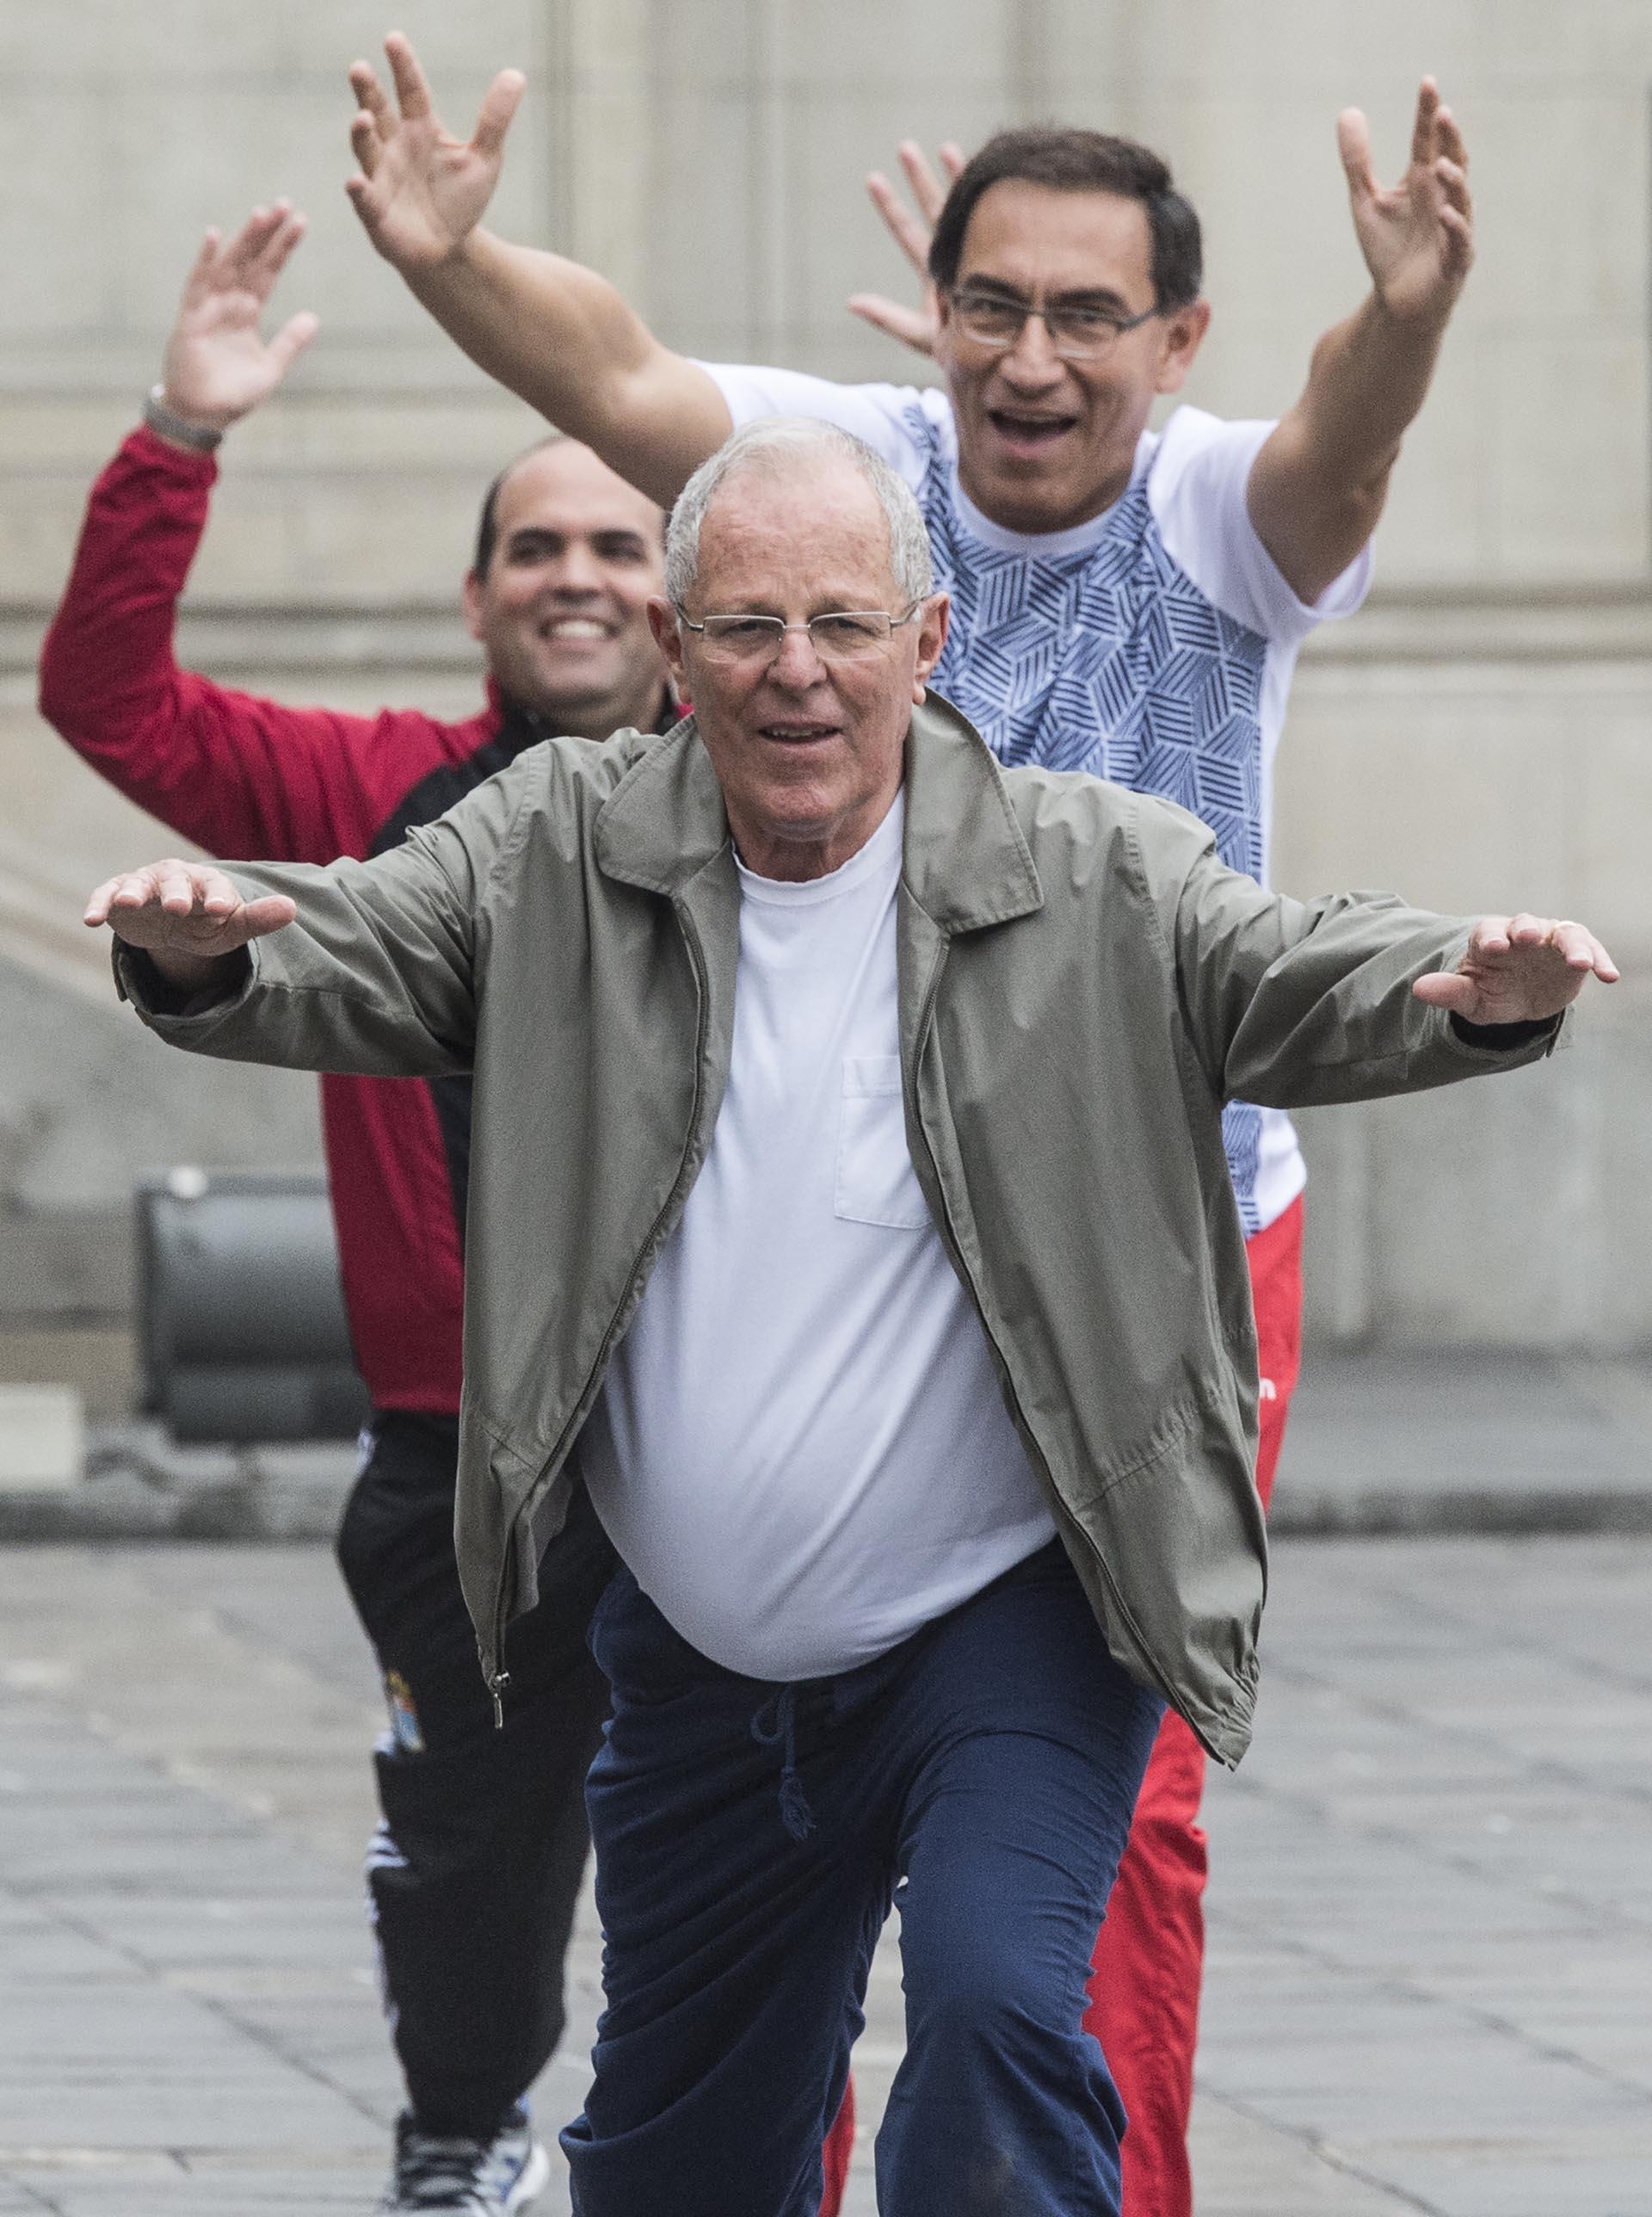 Los ejercicios fueron dirigidos por un preparador argentino y otro colombiano, quienes proveyeron de una colchoneta individual de ejercicio a los participantes (AFP)